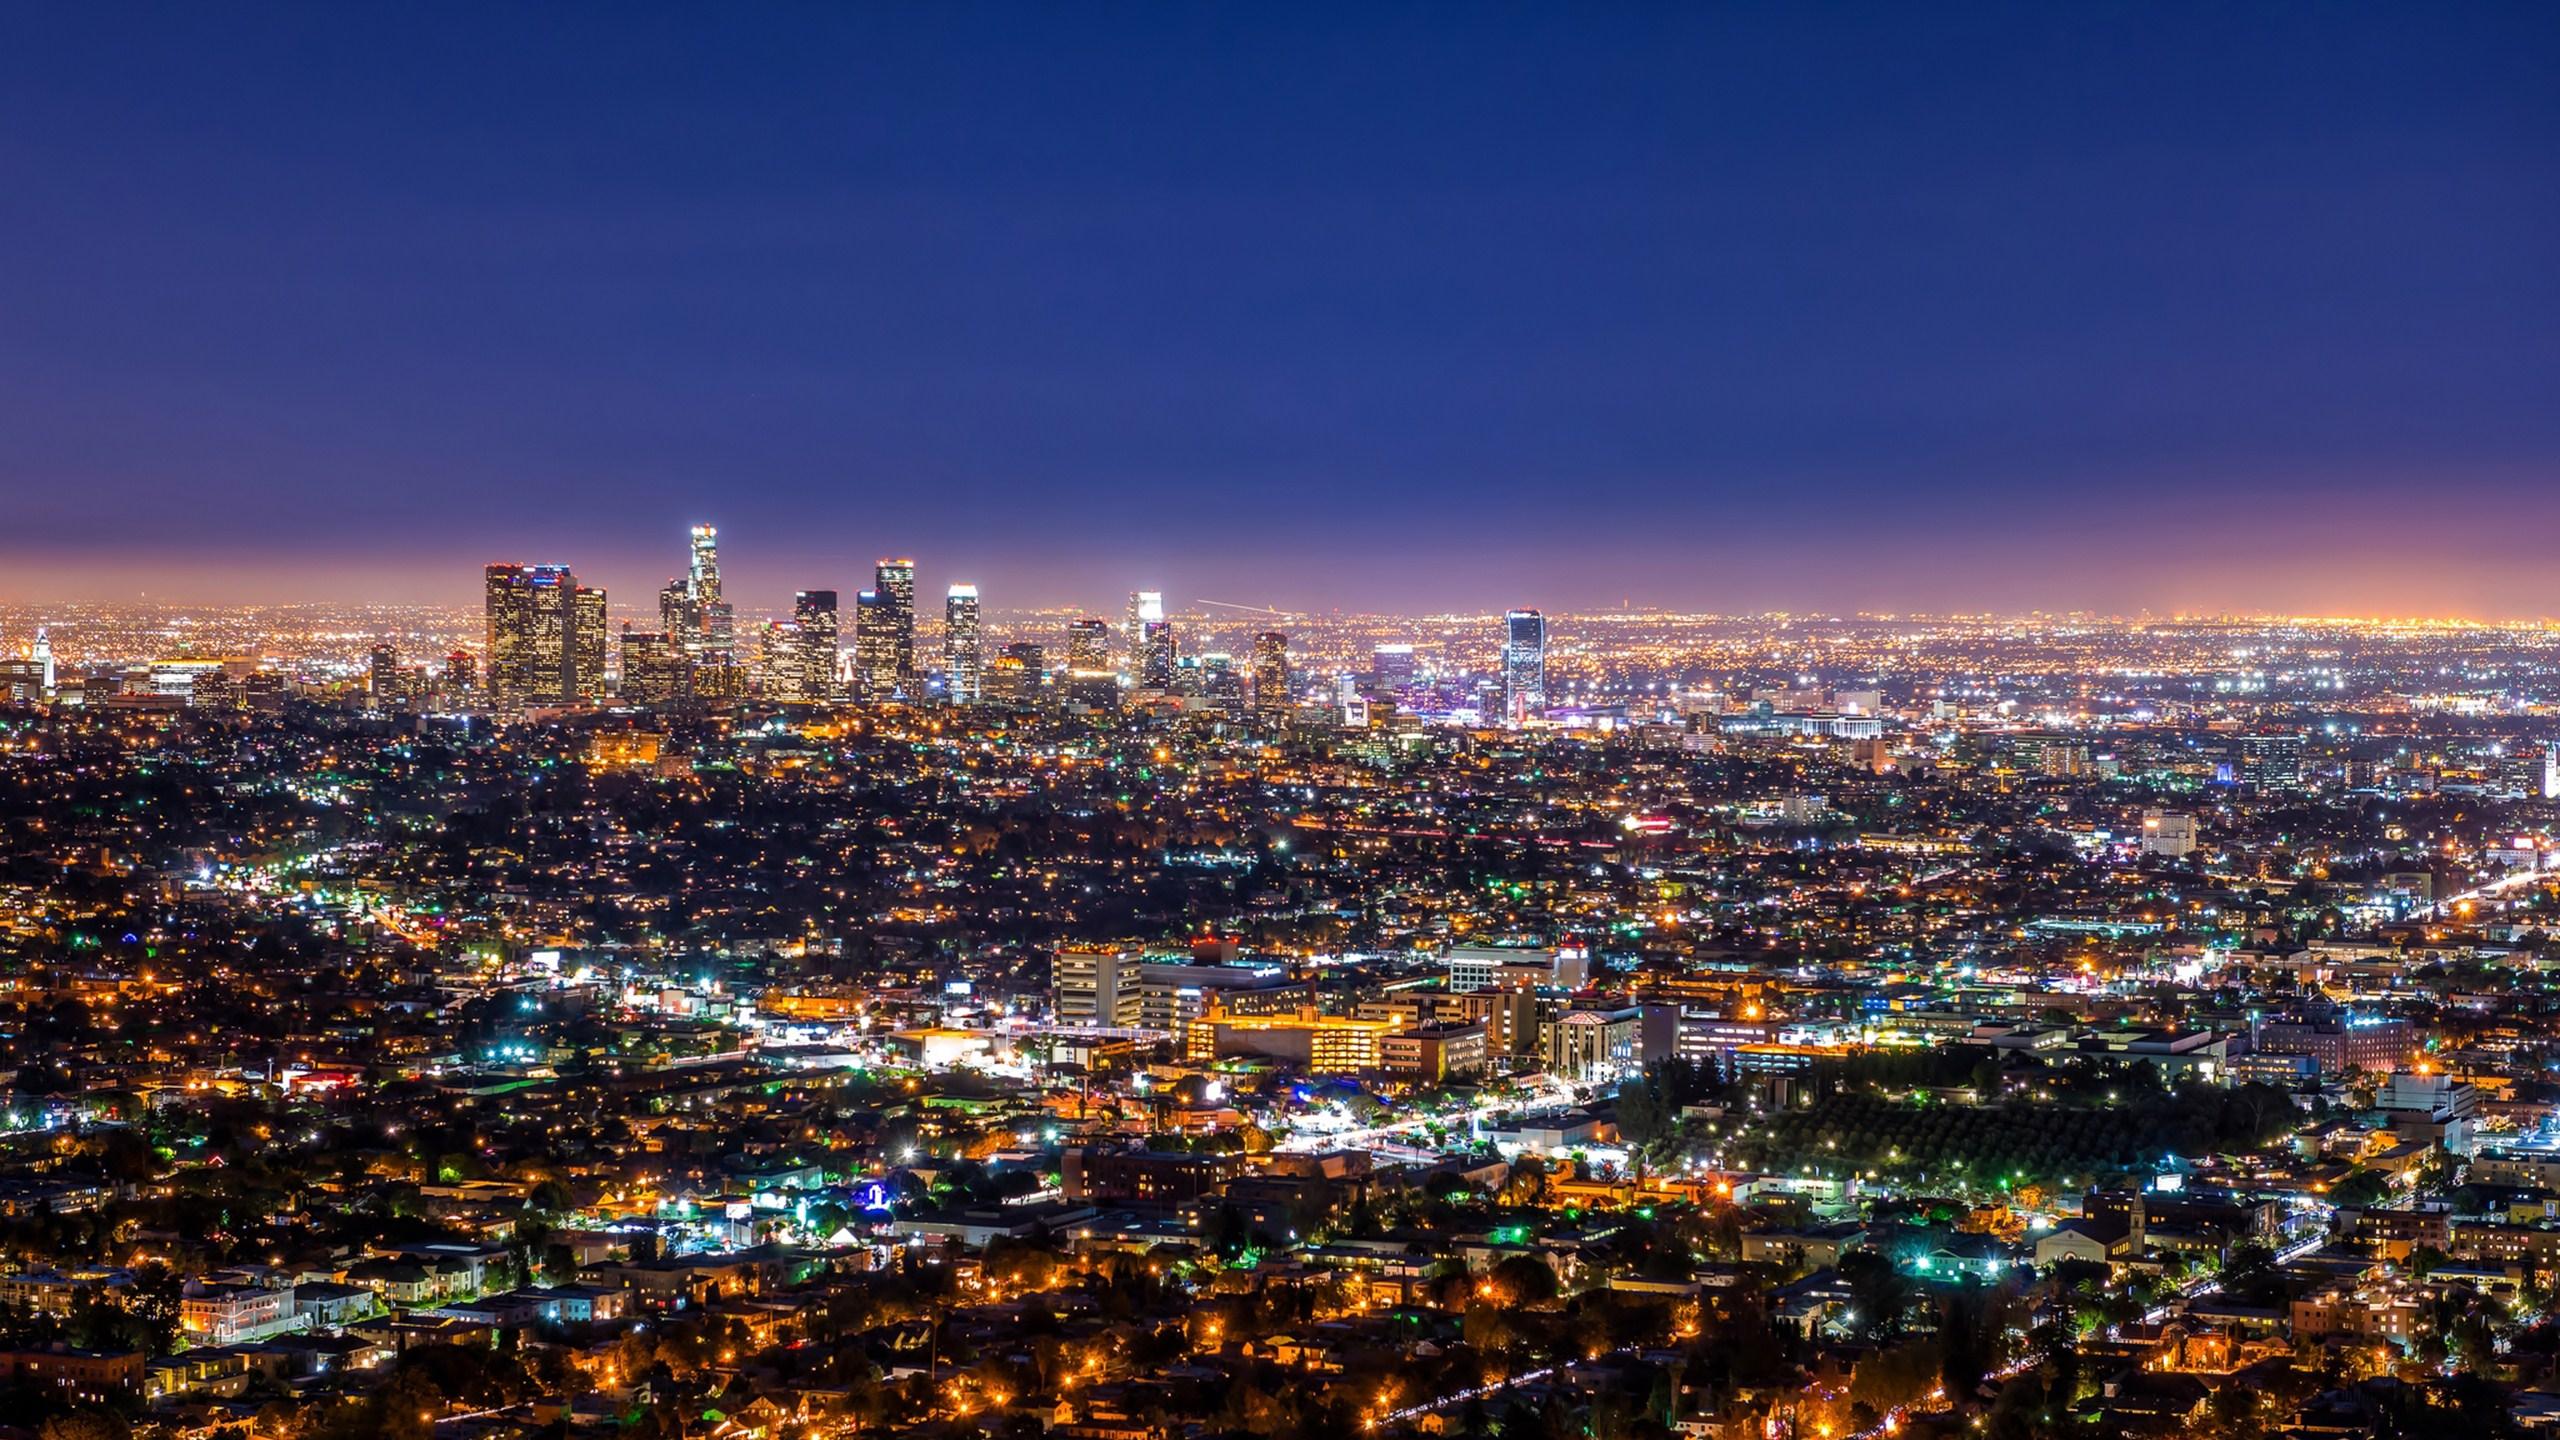 99 Los Angeles Wallpapers On Wallpapersafari